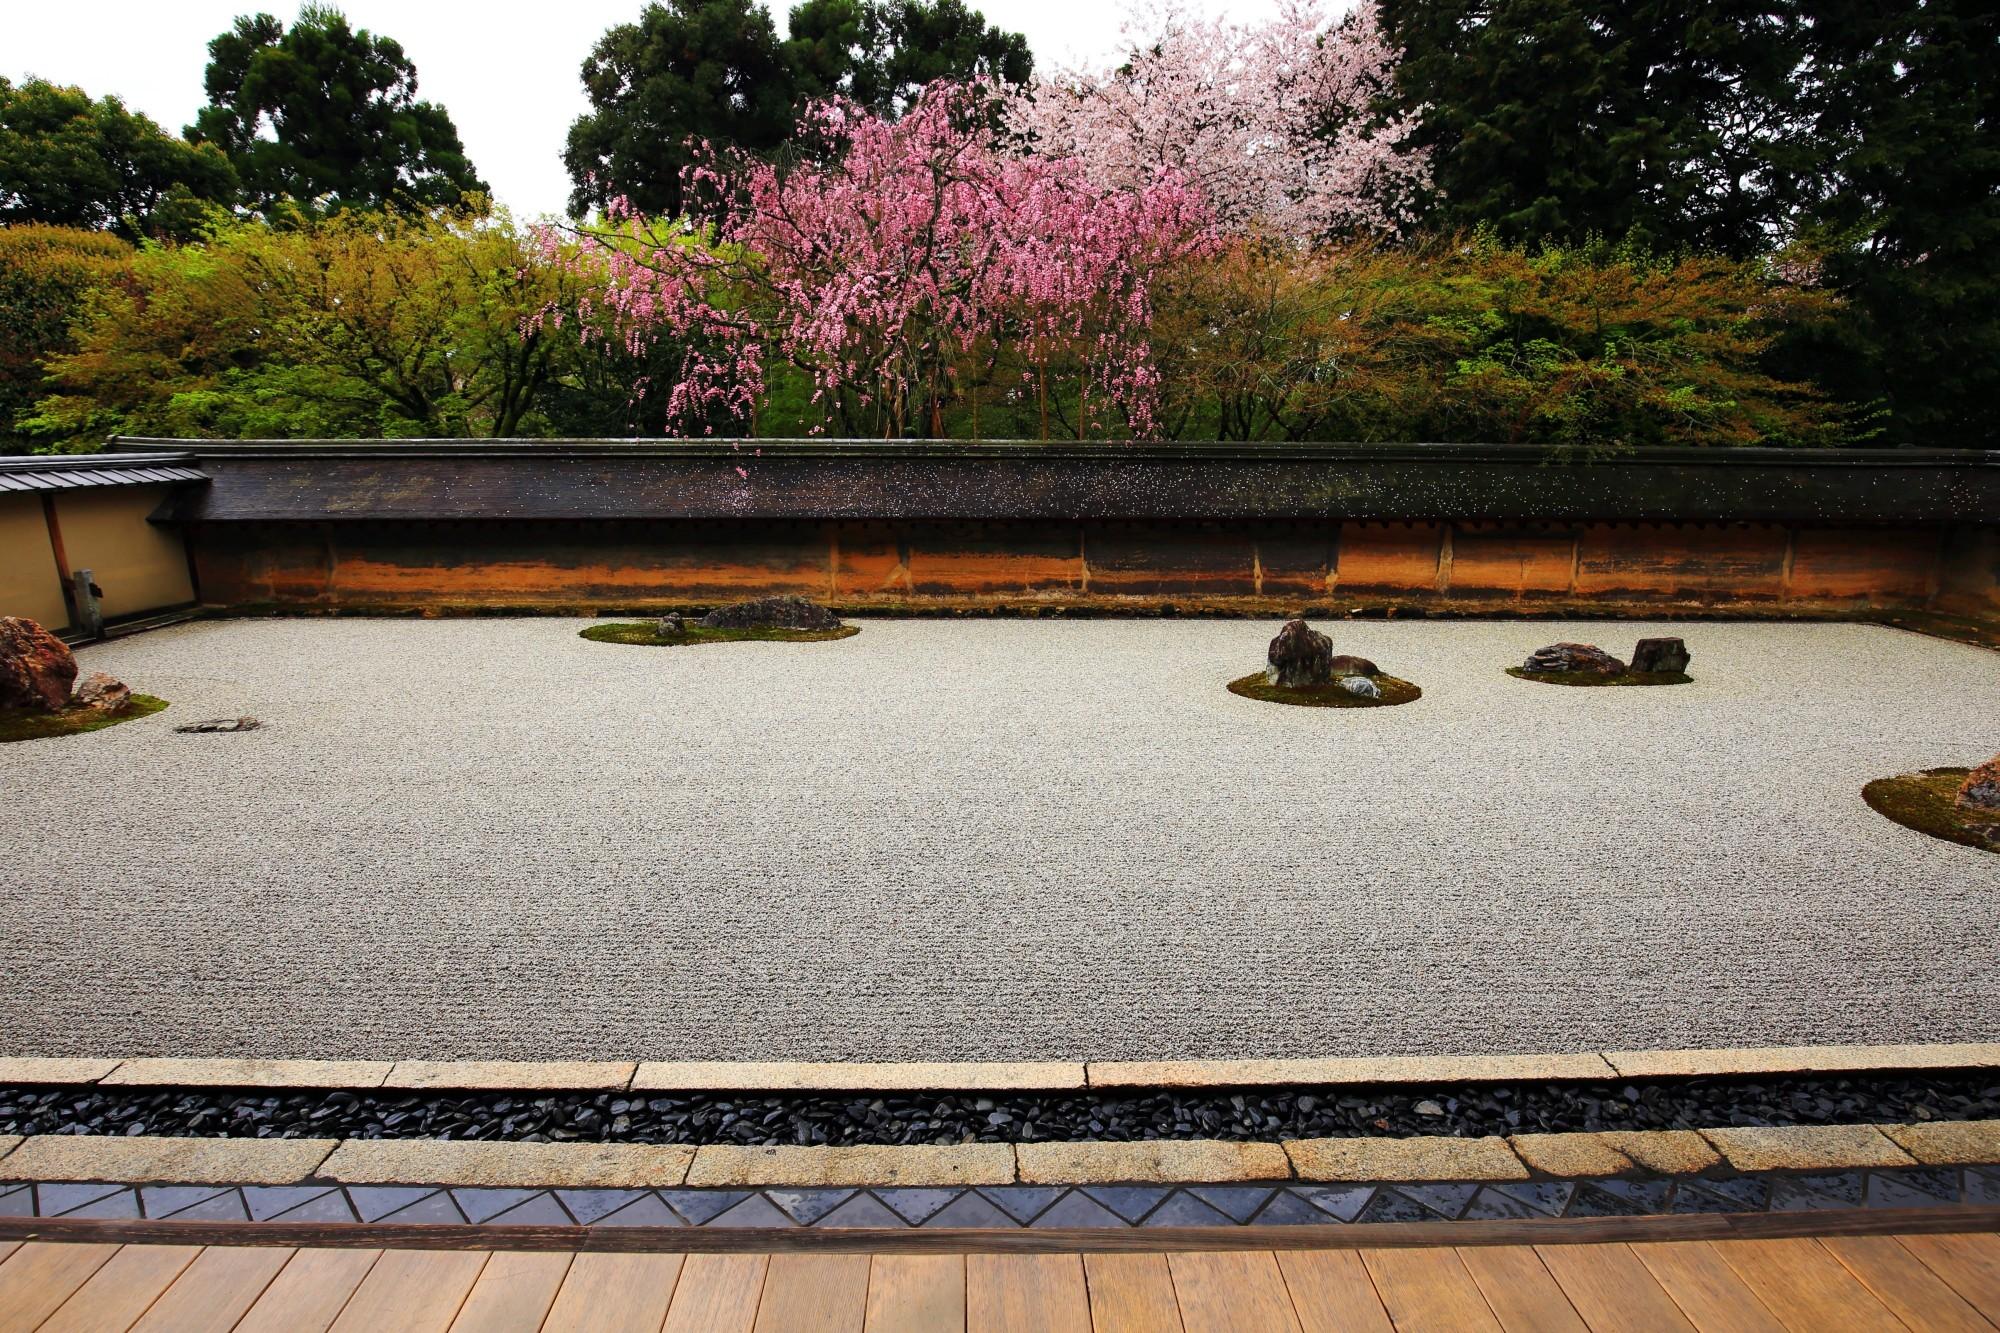 石庭のしだれ桜と雨の散り桜